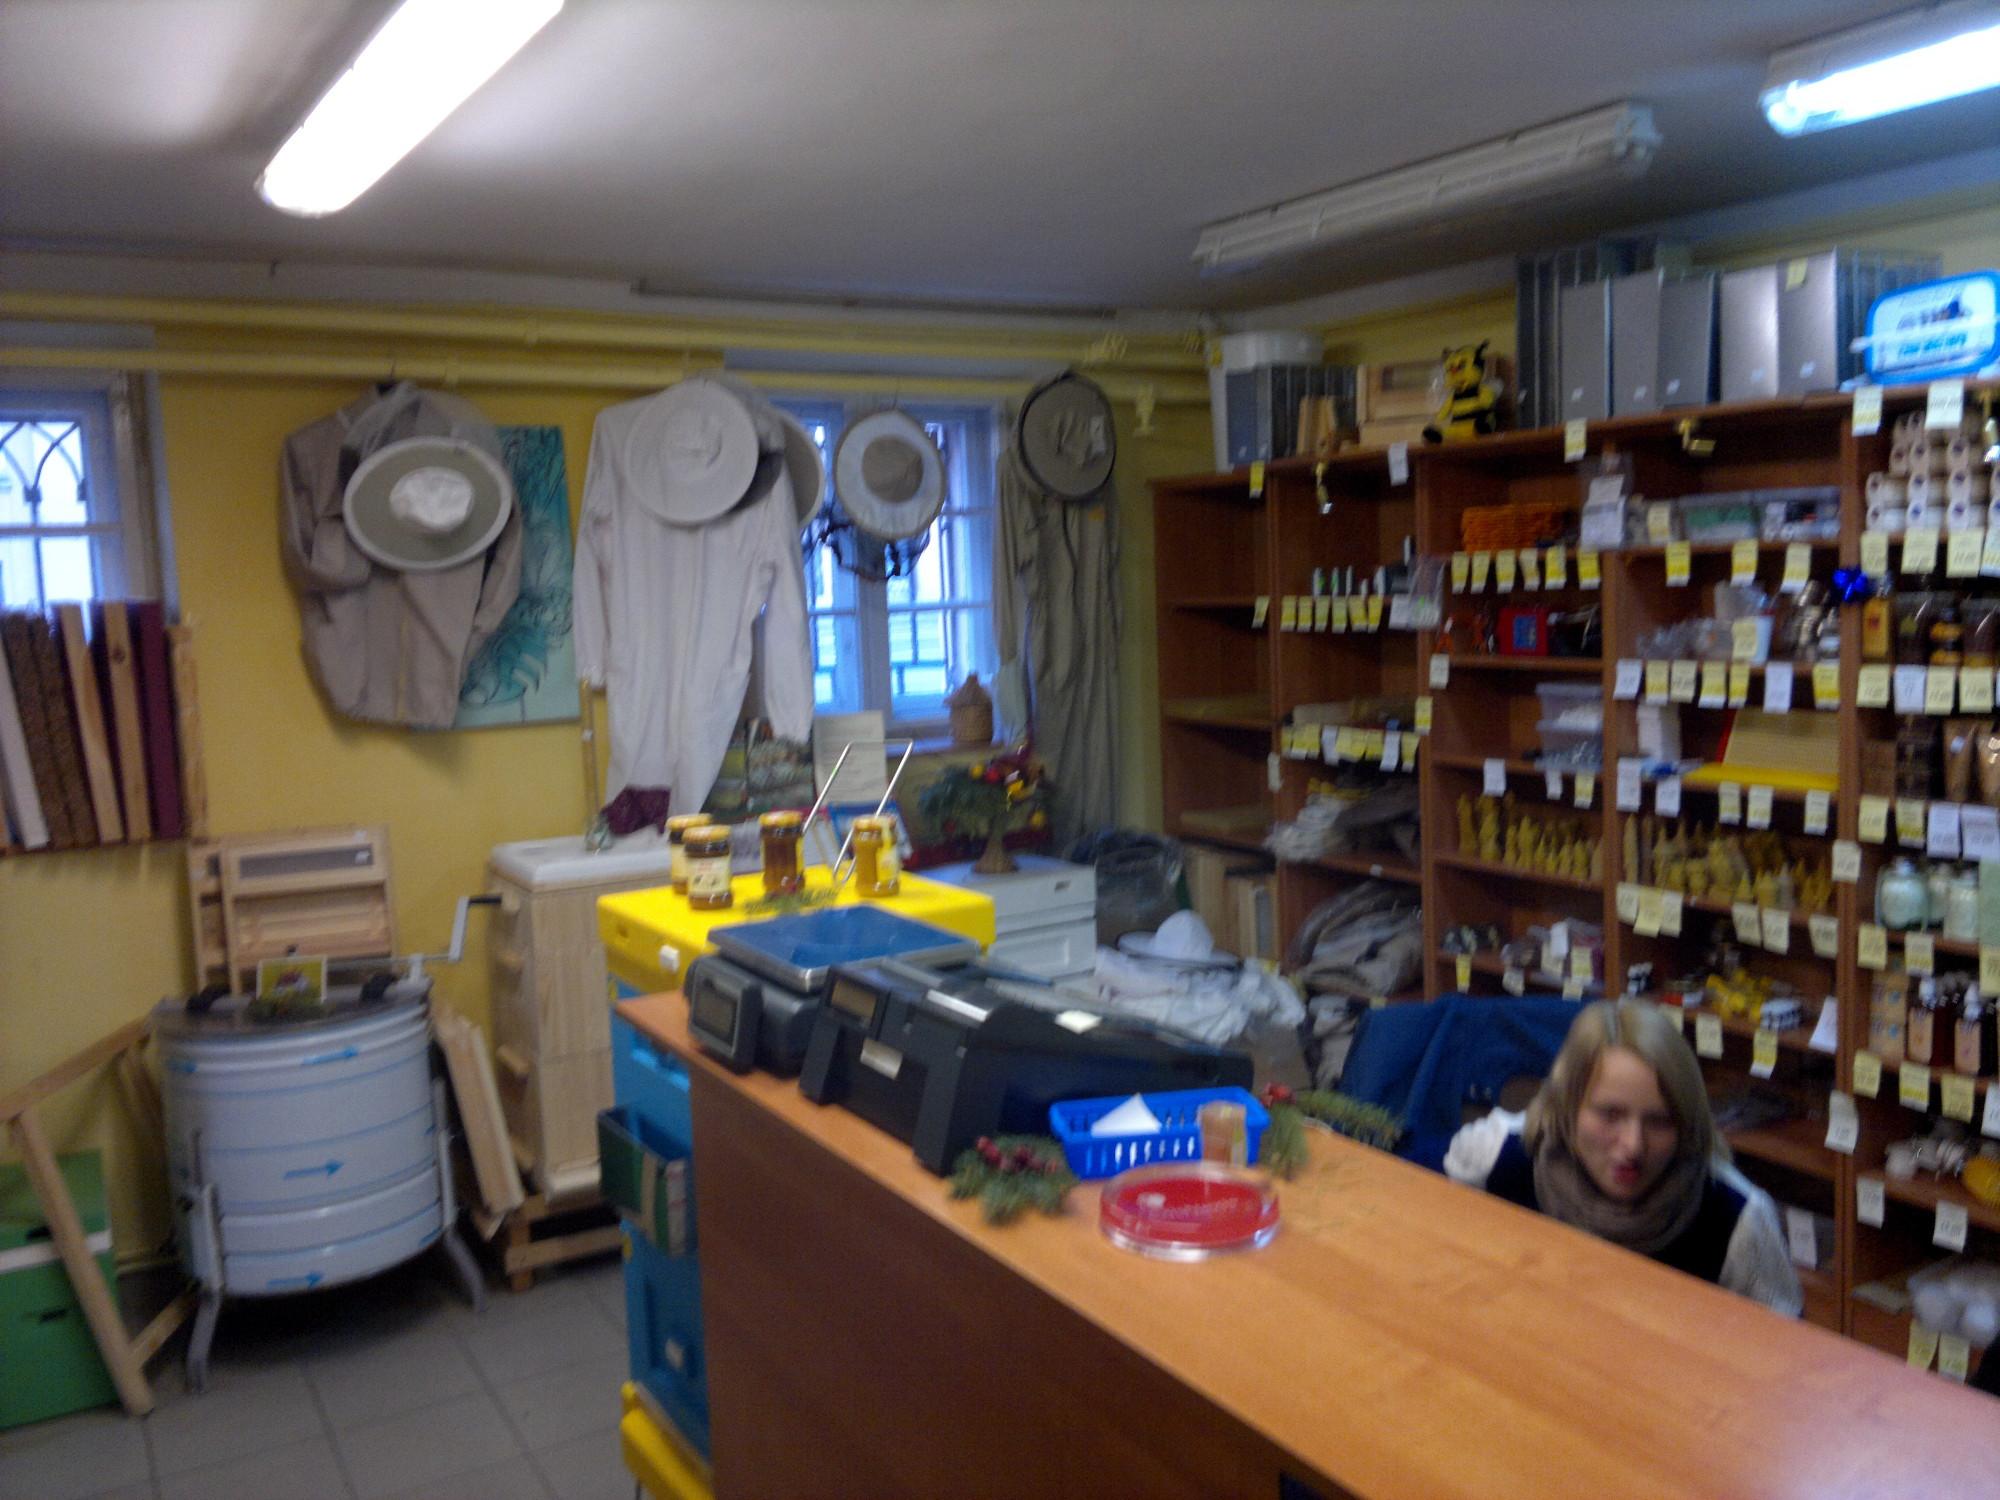 sklep wzp (3)